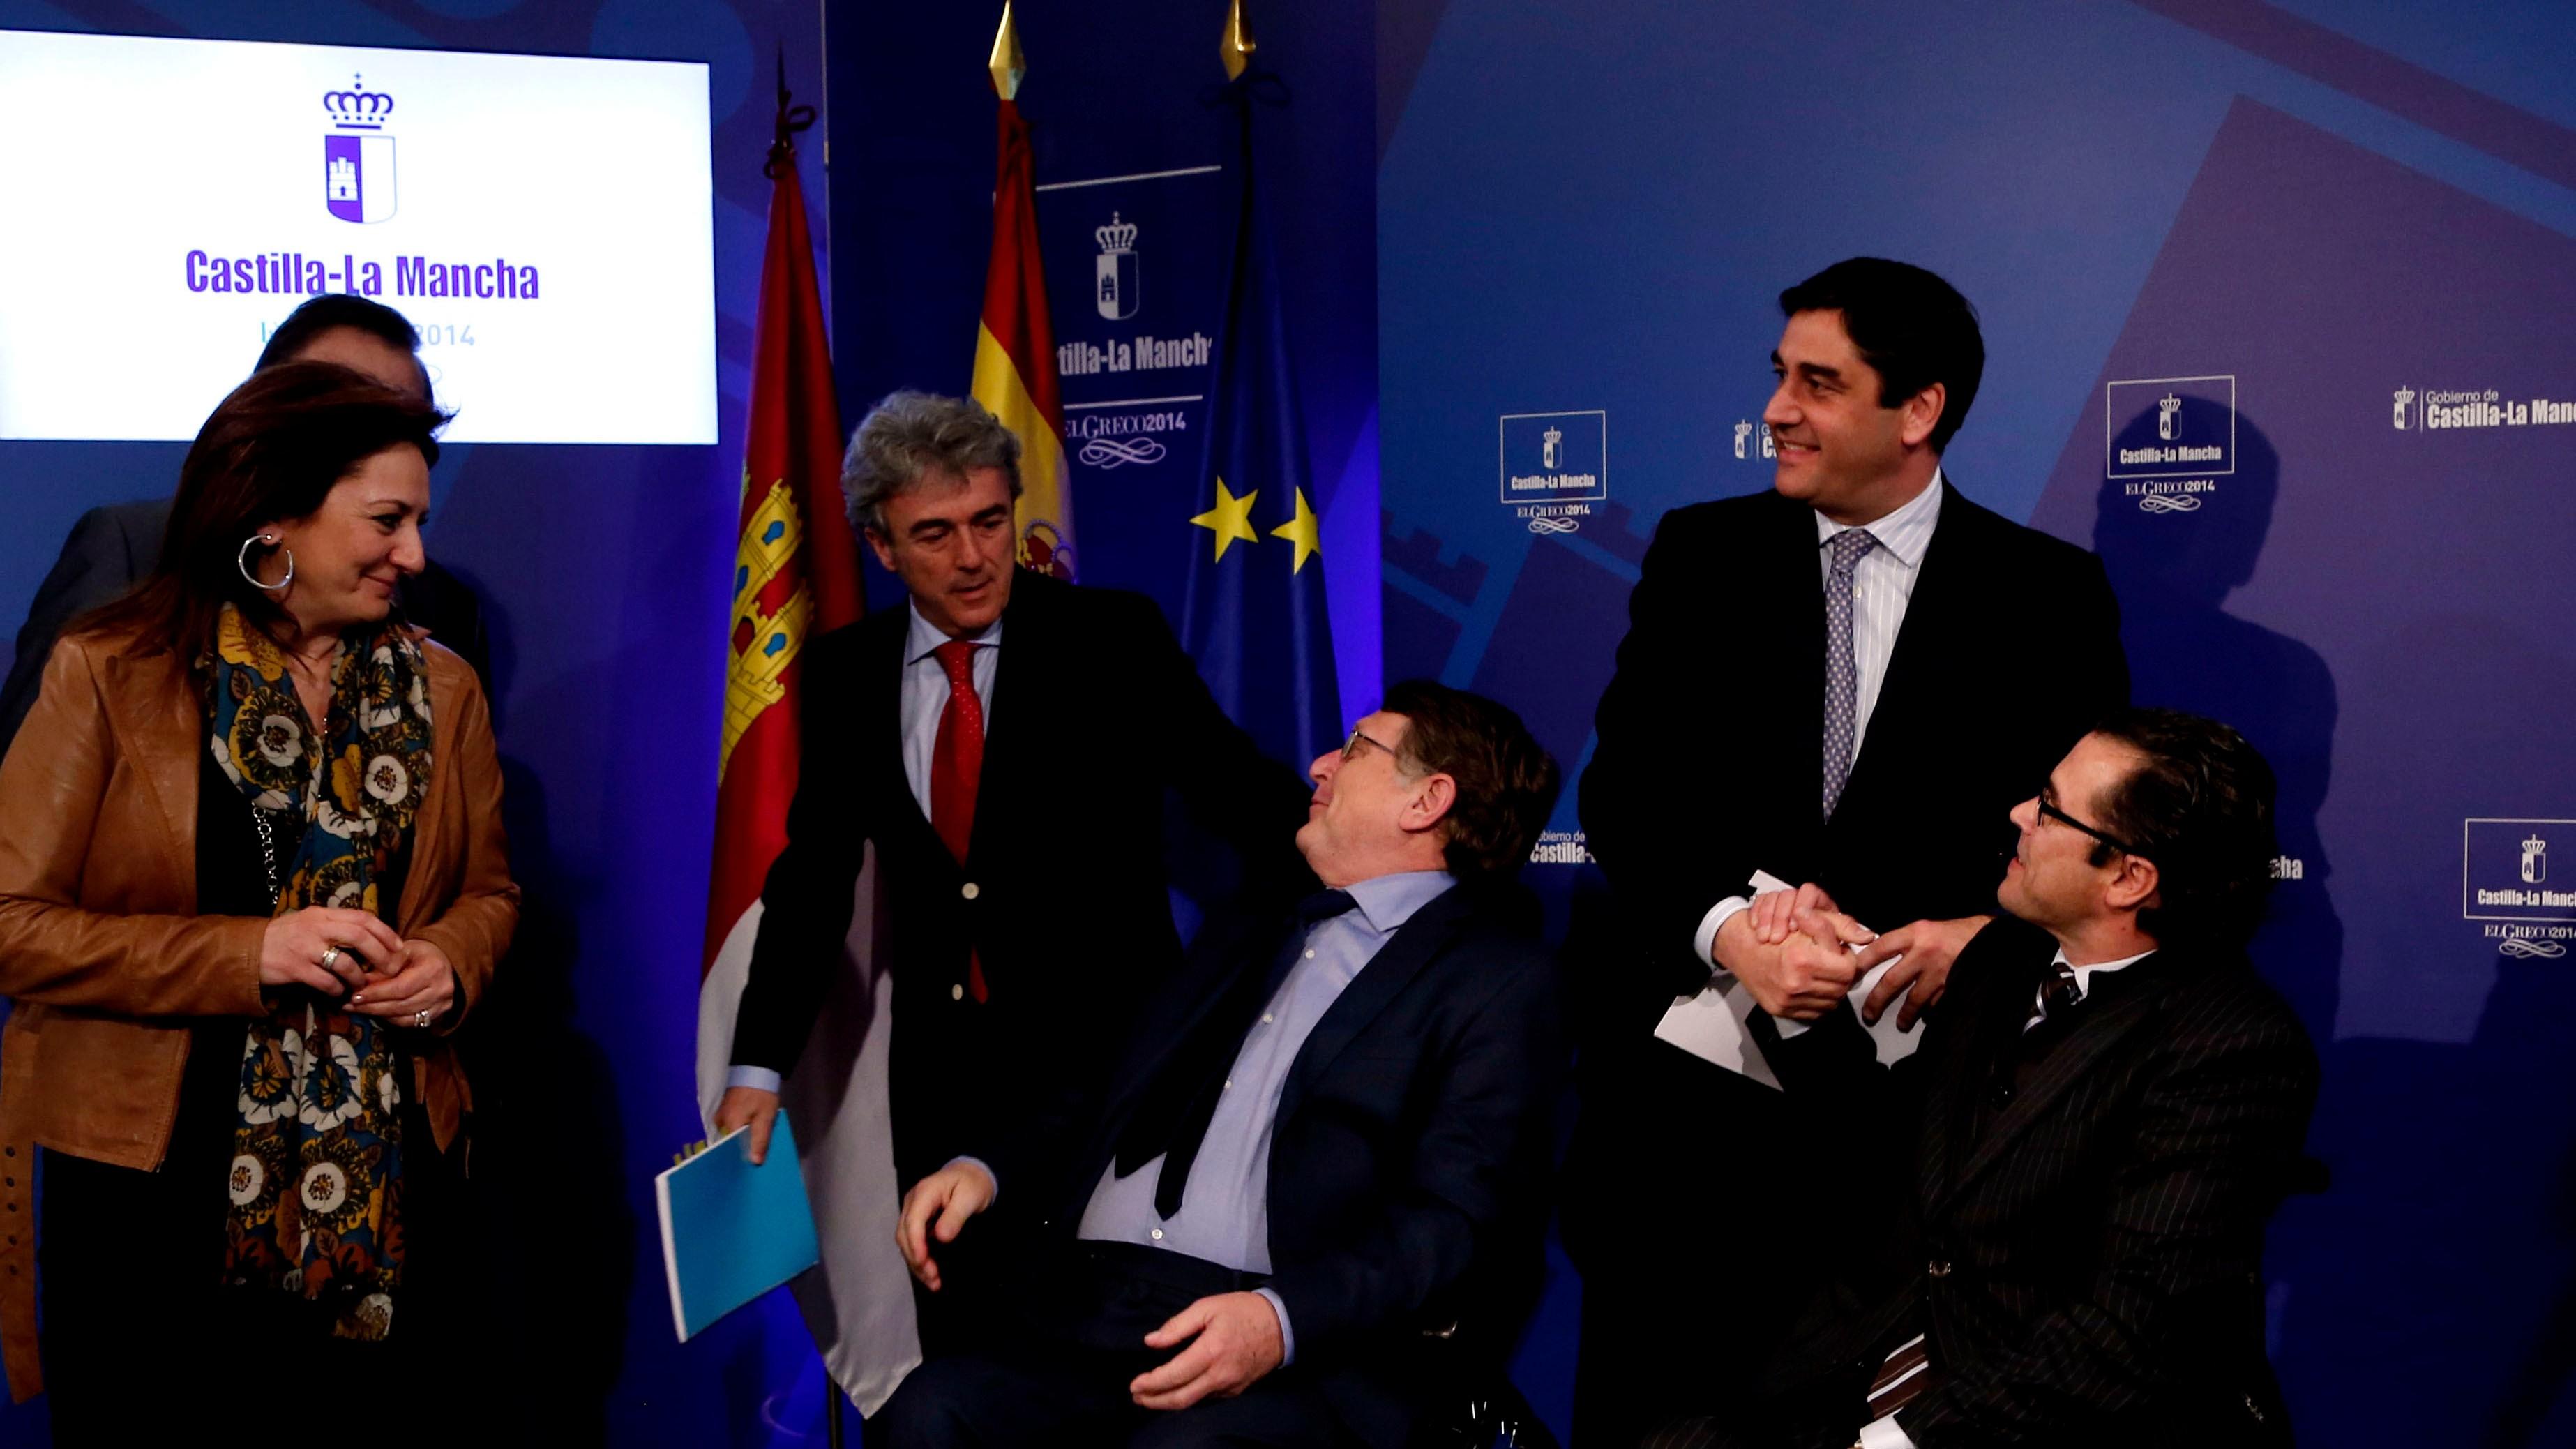 Ley de Discapacidad: ¿Le habría gustado a Jomian?